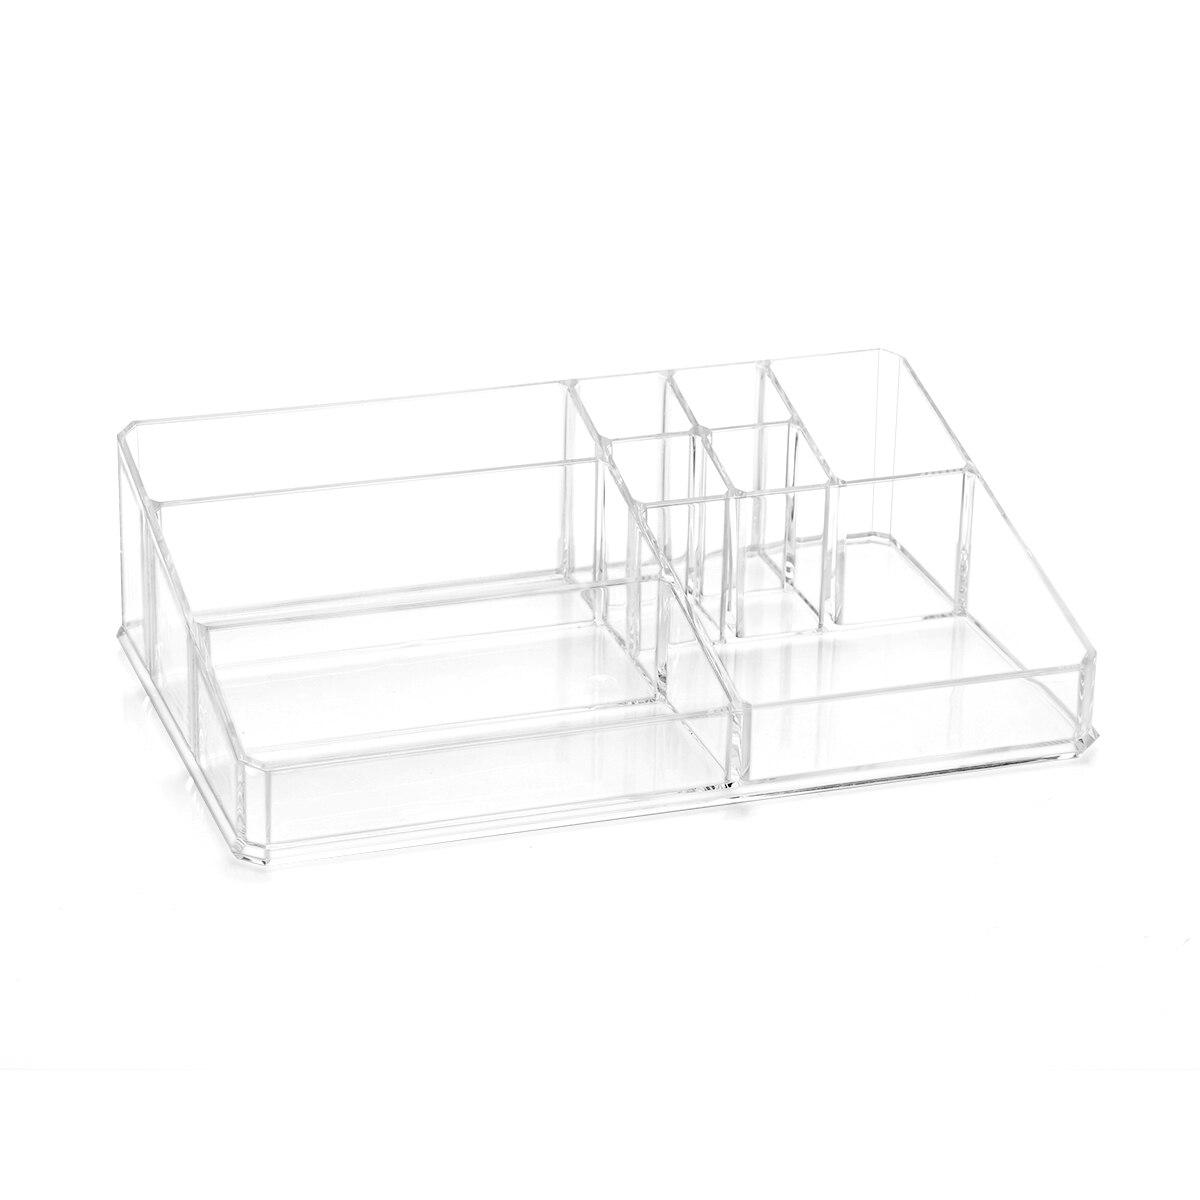 Nett Küchenschublade Organisatoren Für Platten Ideen - Küche Set ...